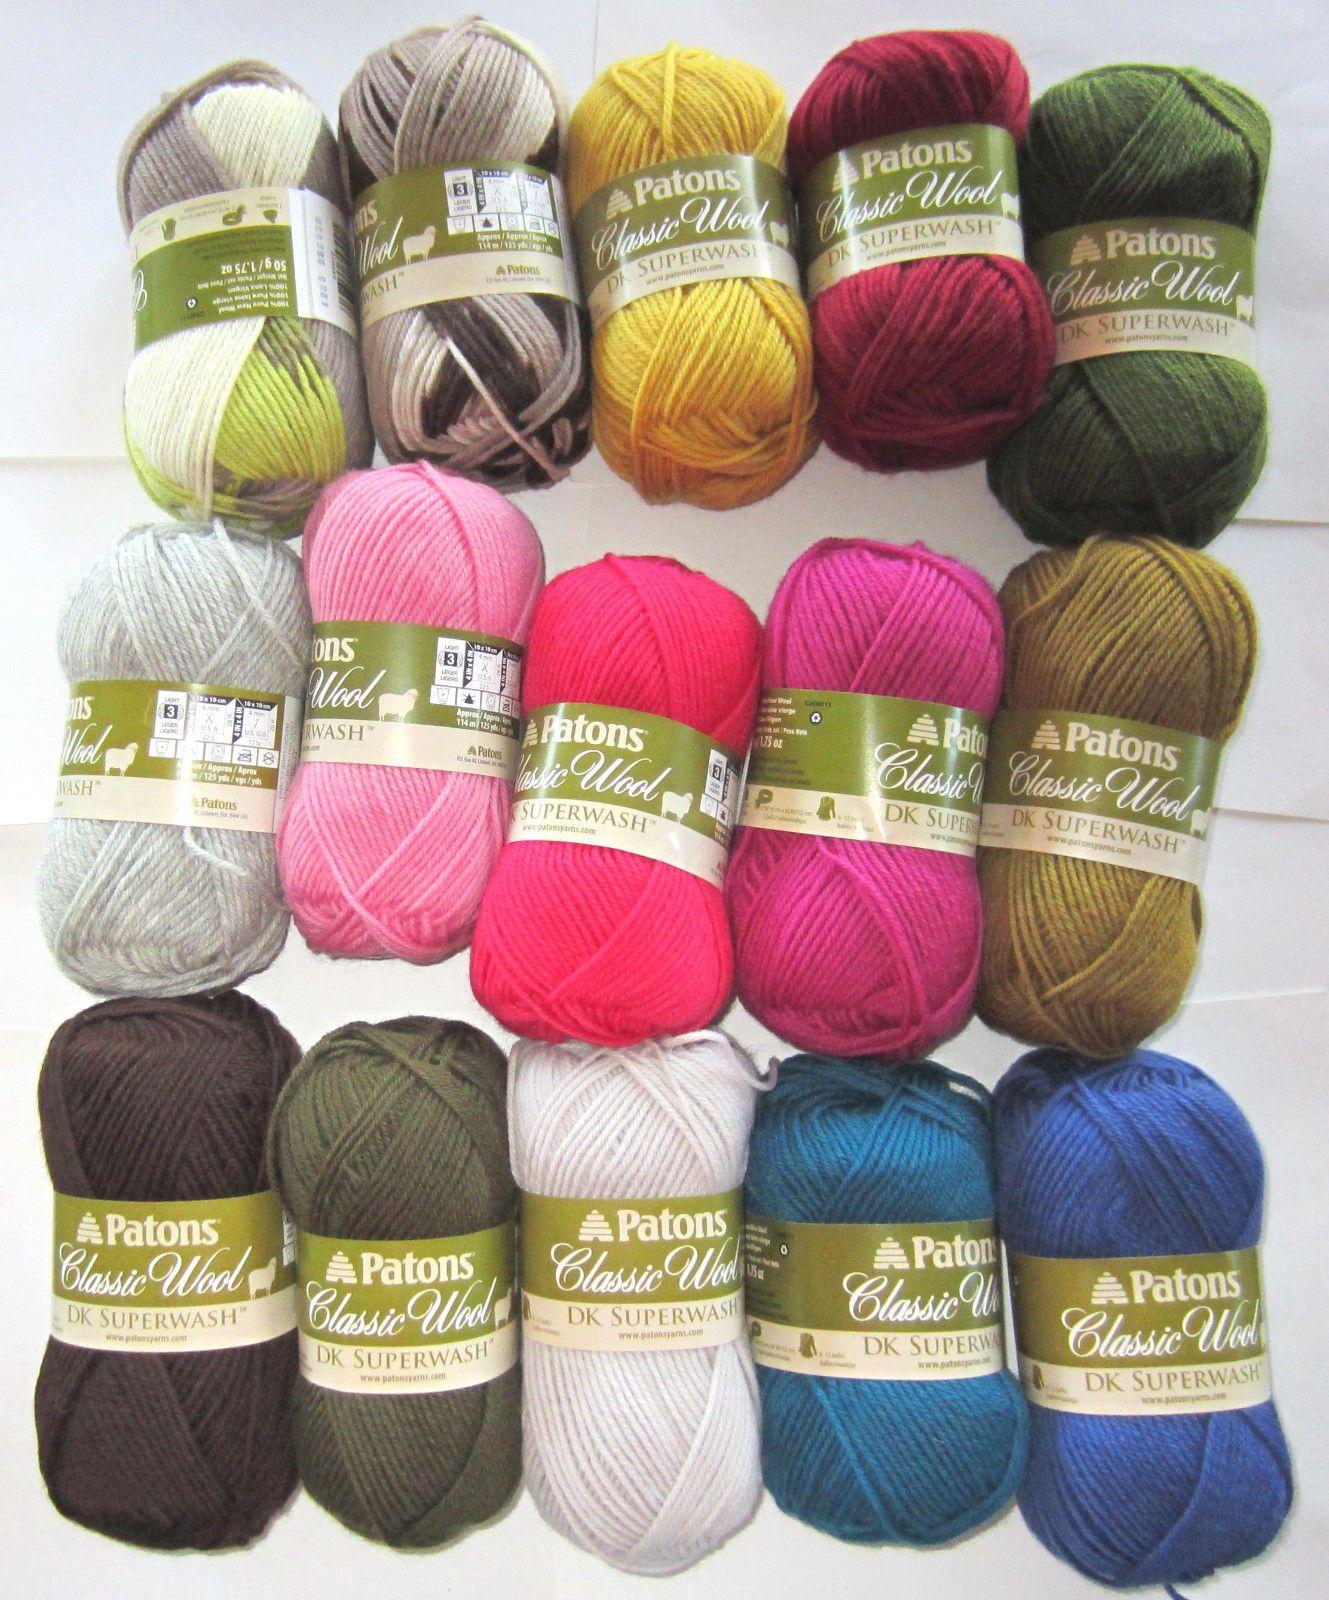 US $4.79 New in Crafts, Needlecrafts & Yarn, Yarn